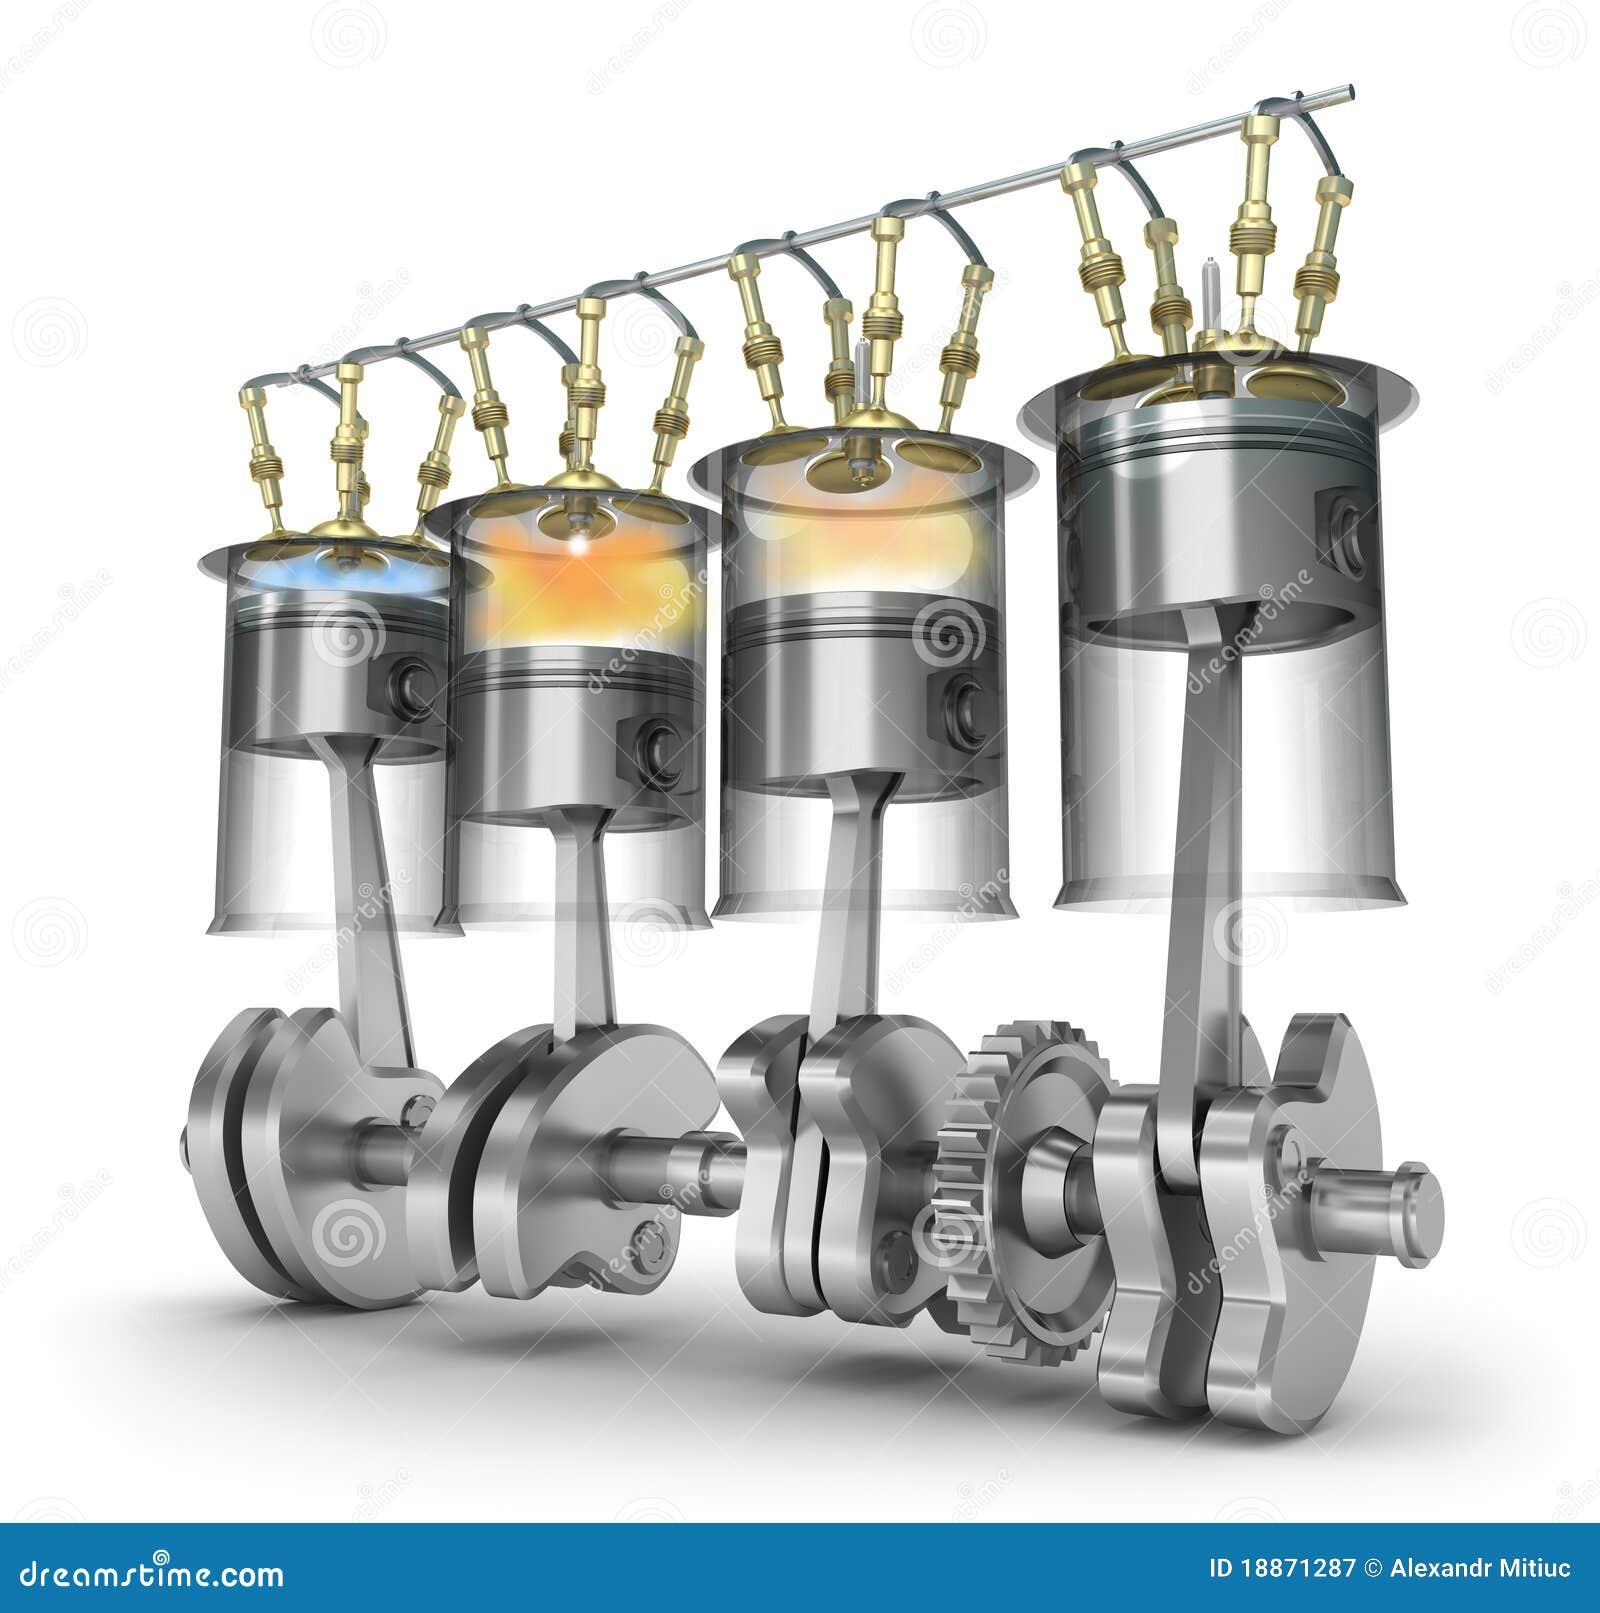 funcion del motor principio de funcionamiento stock de